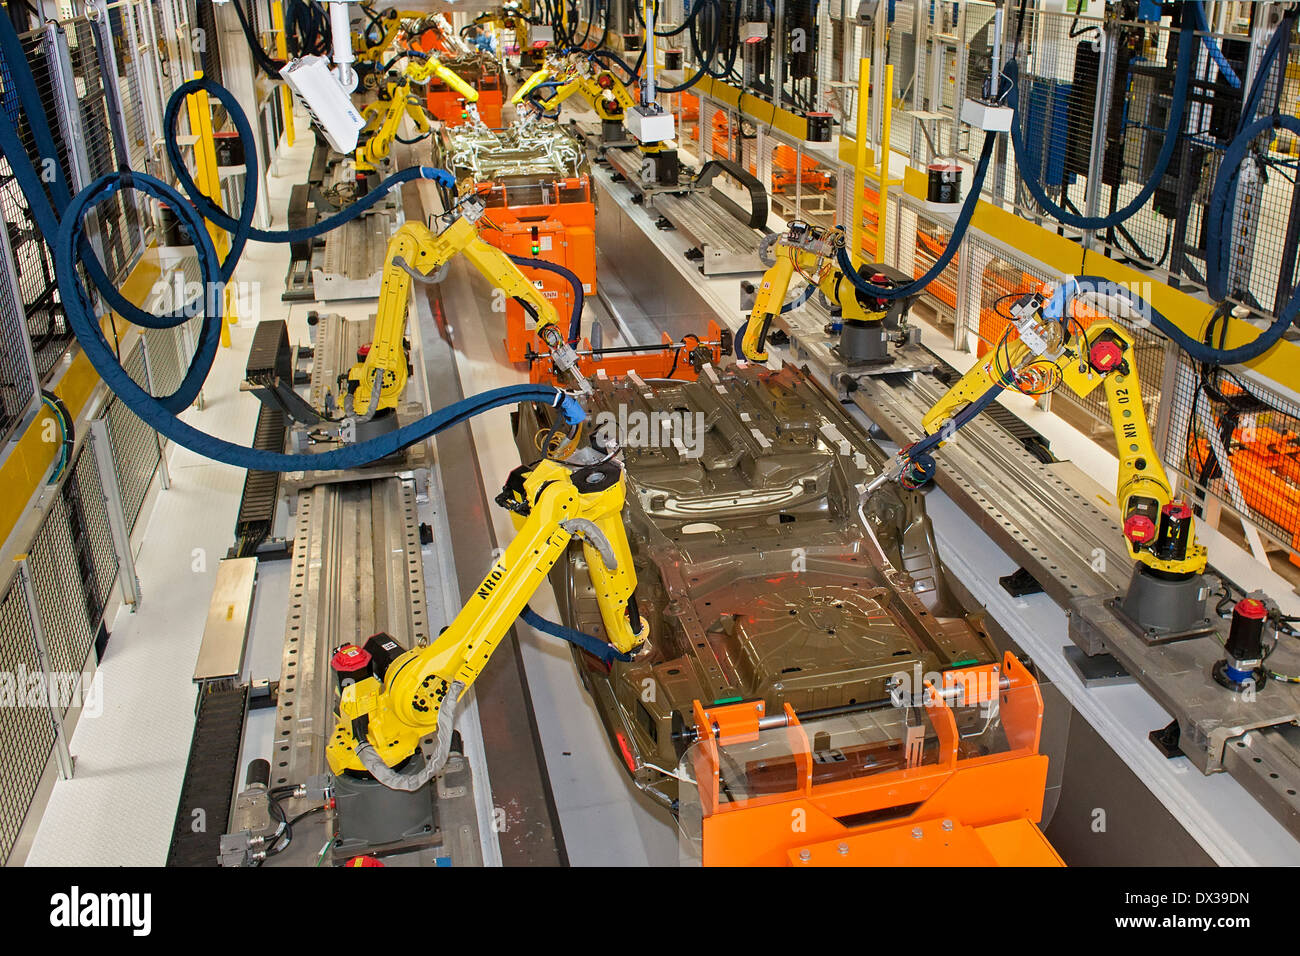 Robots en el sellado de los bajos de la carrocería y en los bajos de la carrocería de la estación de recubrimiento de pintura en Chrysler la planta de montaje Sterling Heights. Imagen De Stock